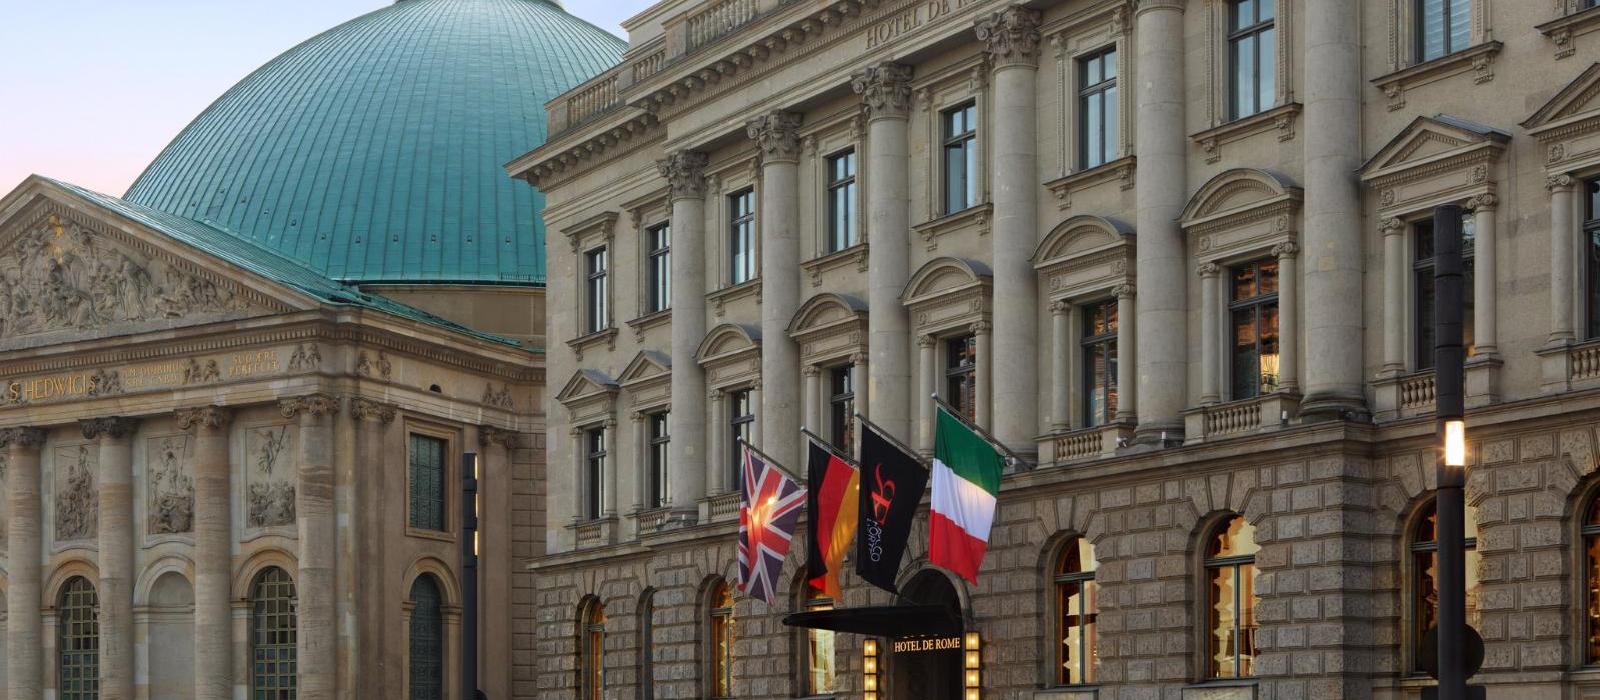 洛克福特罗马大酒店(Hotel de Rome, a Rocco Forte Hotel) 图片  www.lhw.cn